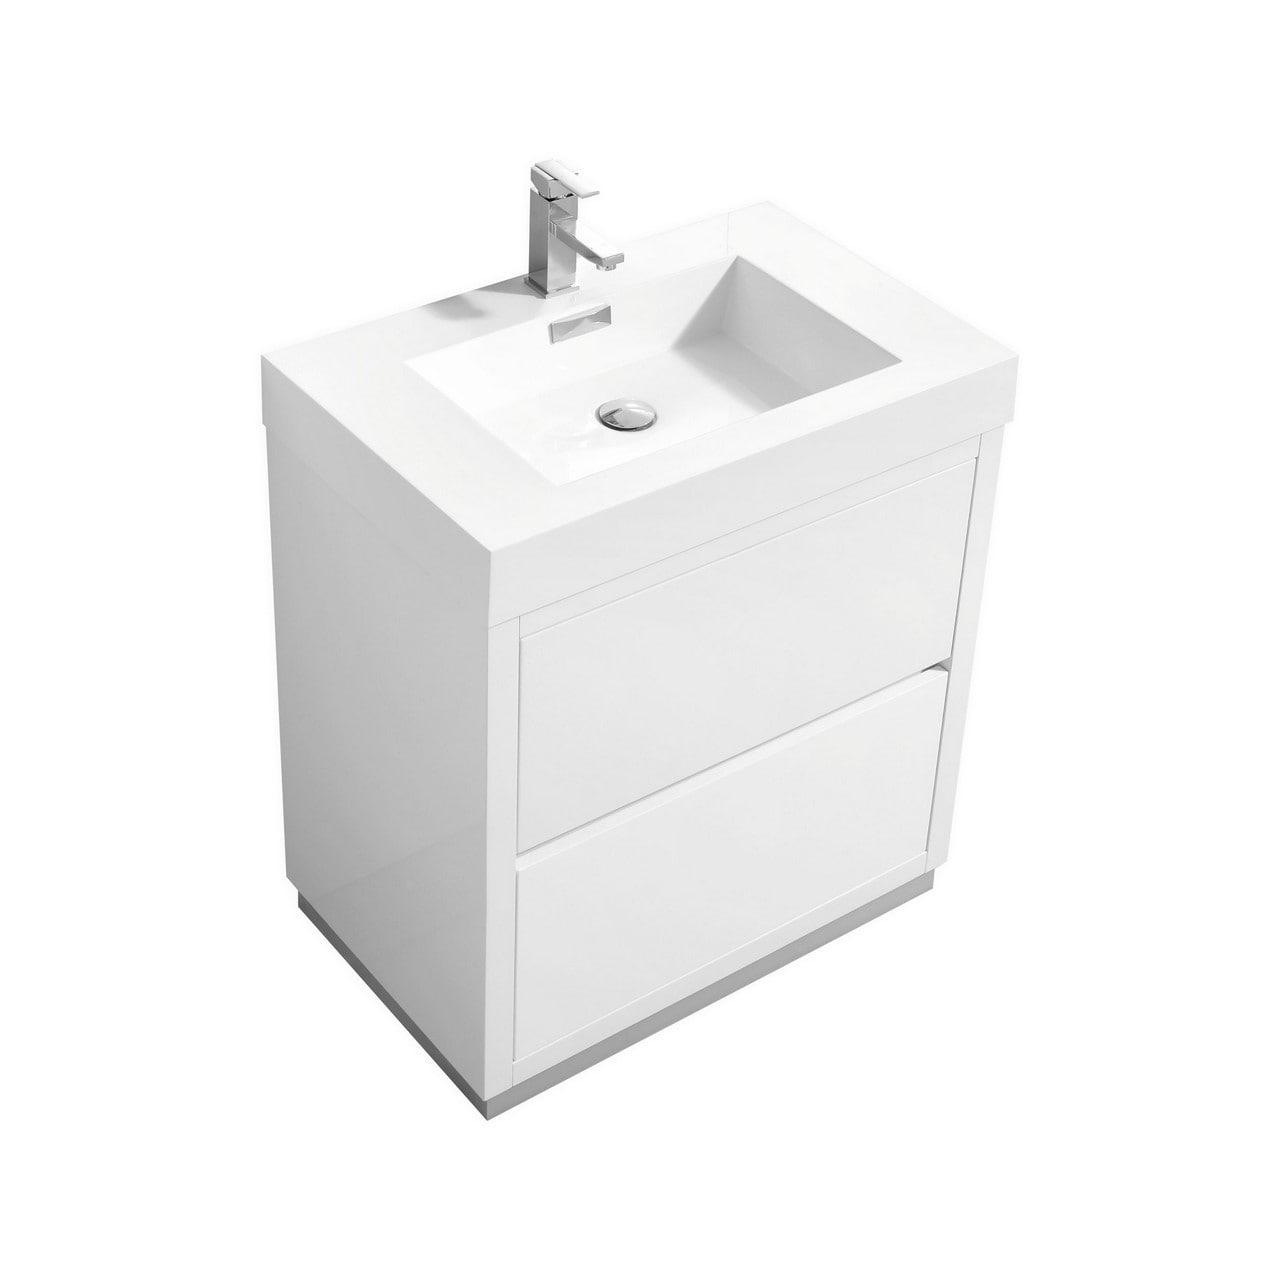 Bliss 30 High Gloss White Free Standing Modern Bathroom Vanity Overstock 30396878